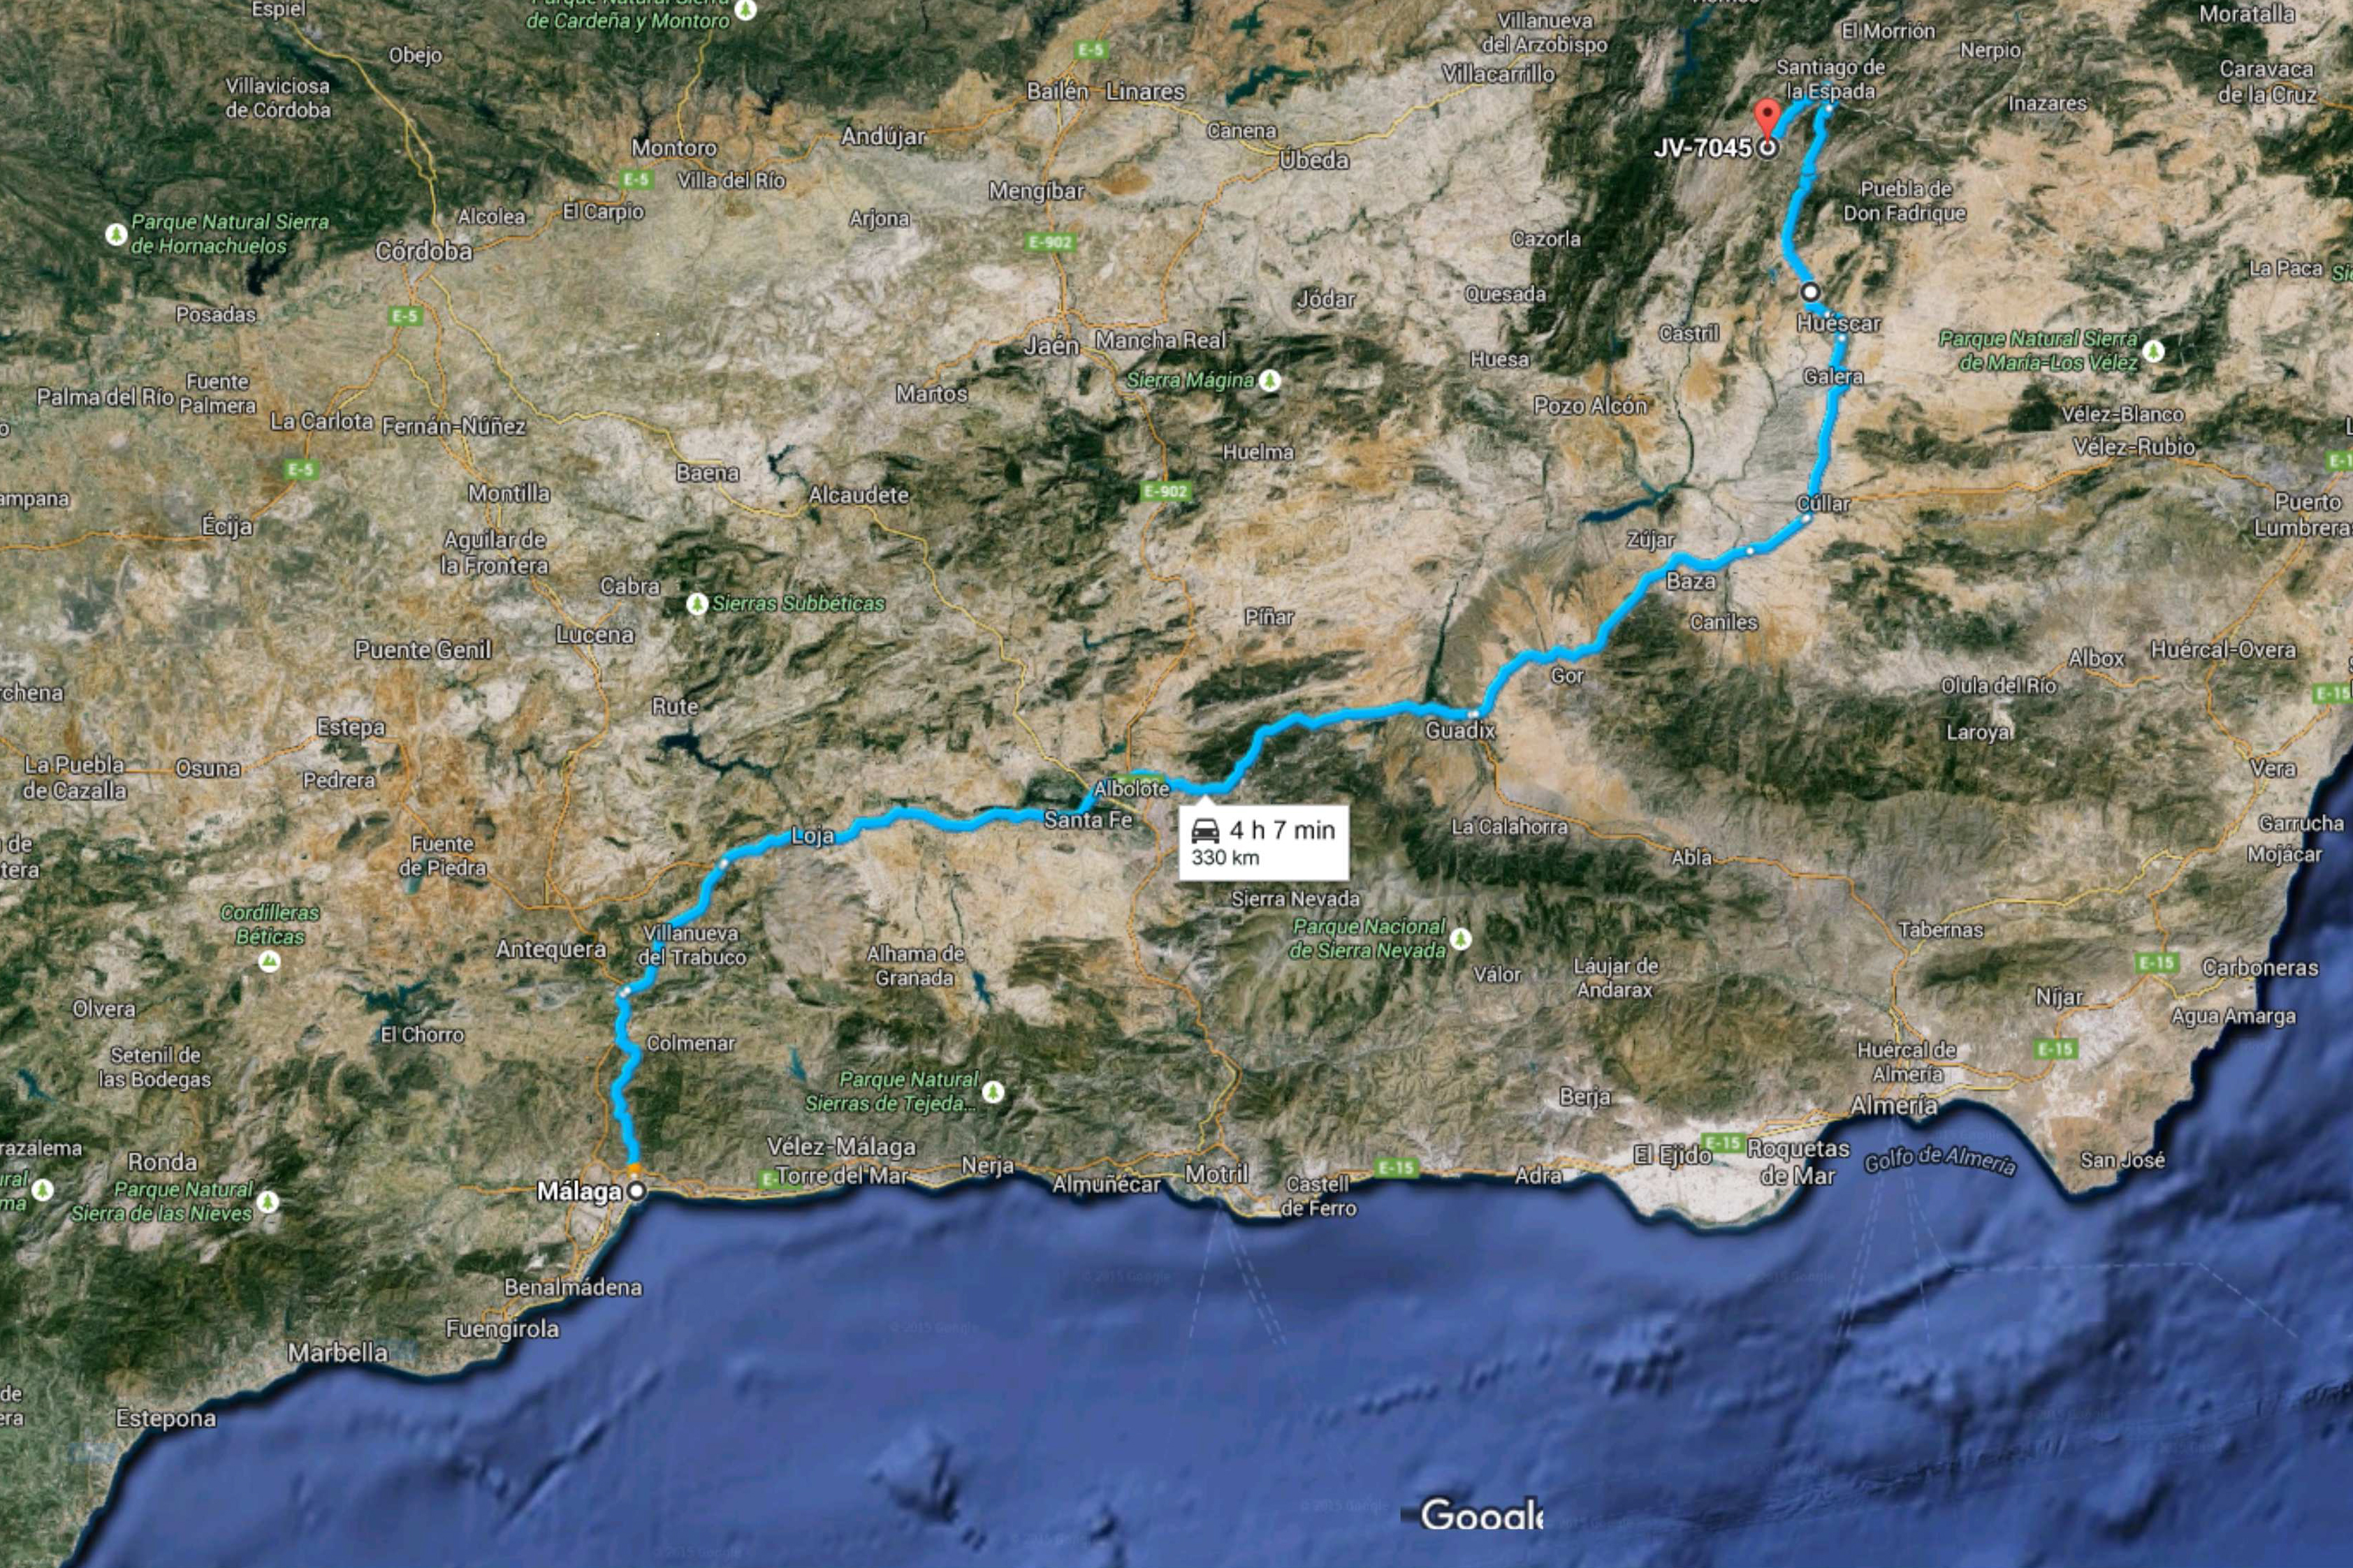 de Málaga a JV-7045, 23290, Jaén - Google Maps horizontal